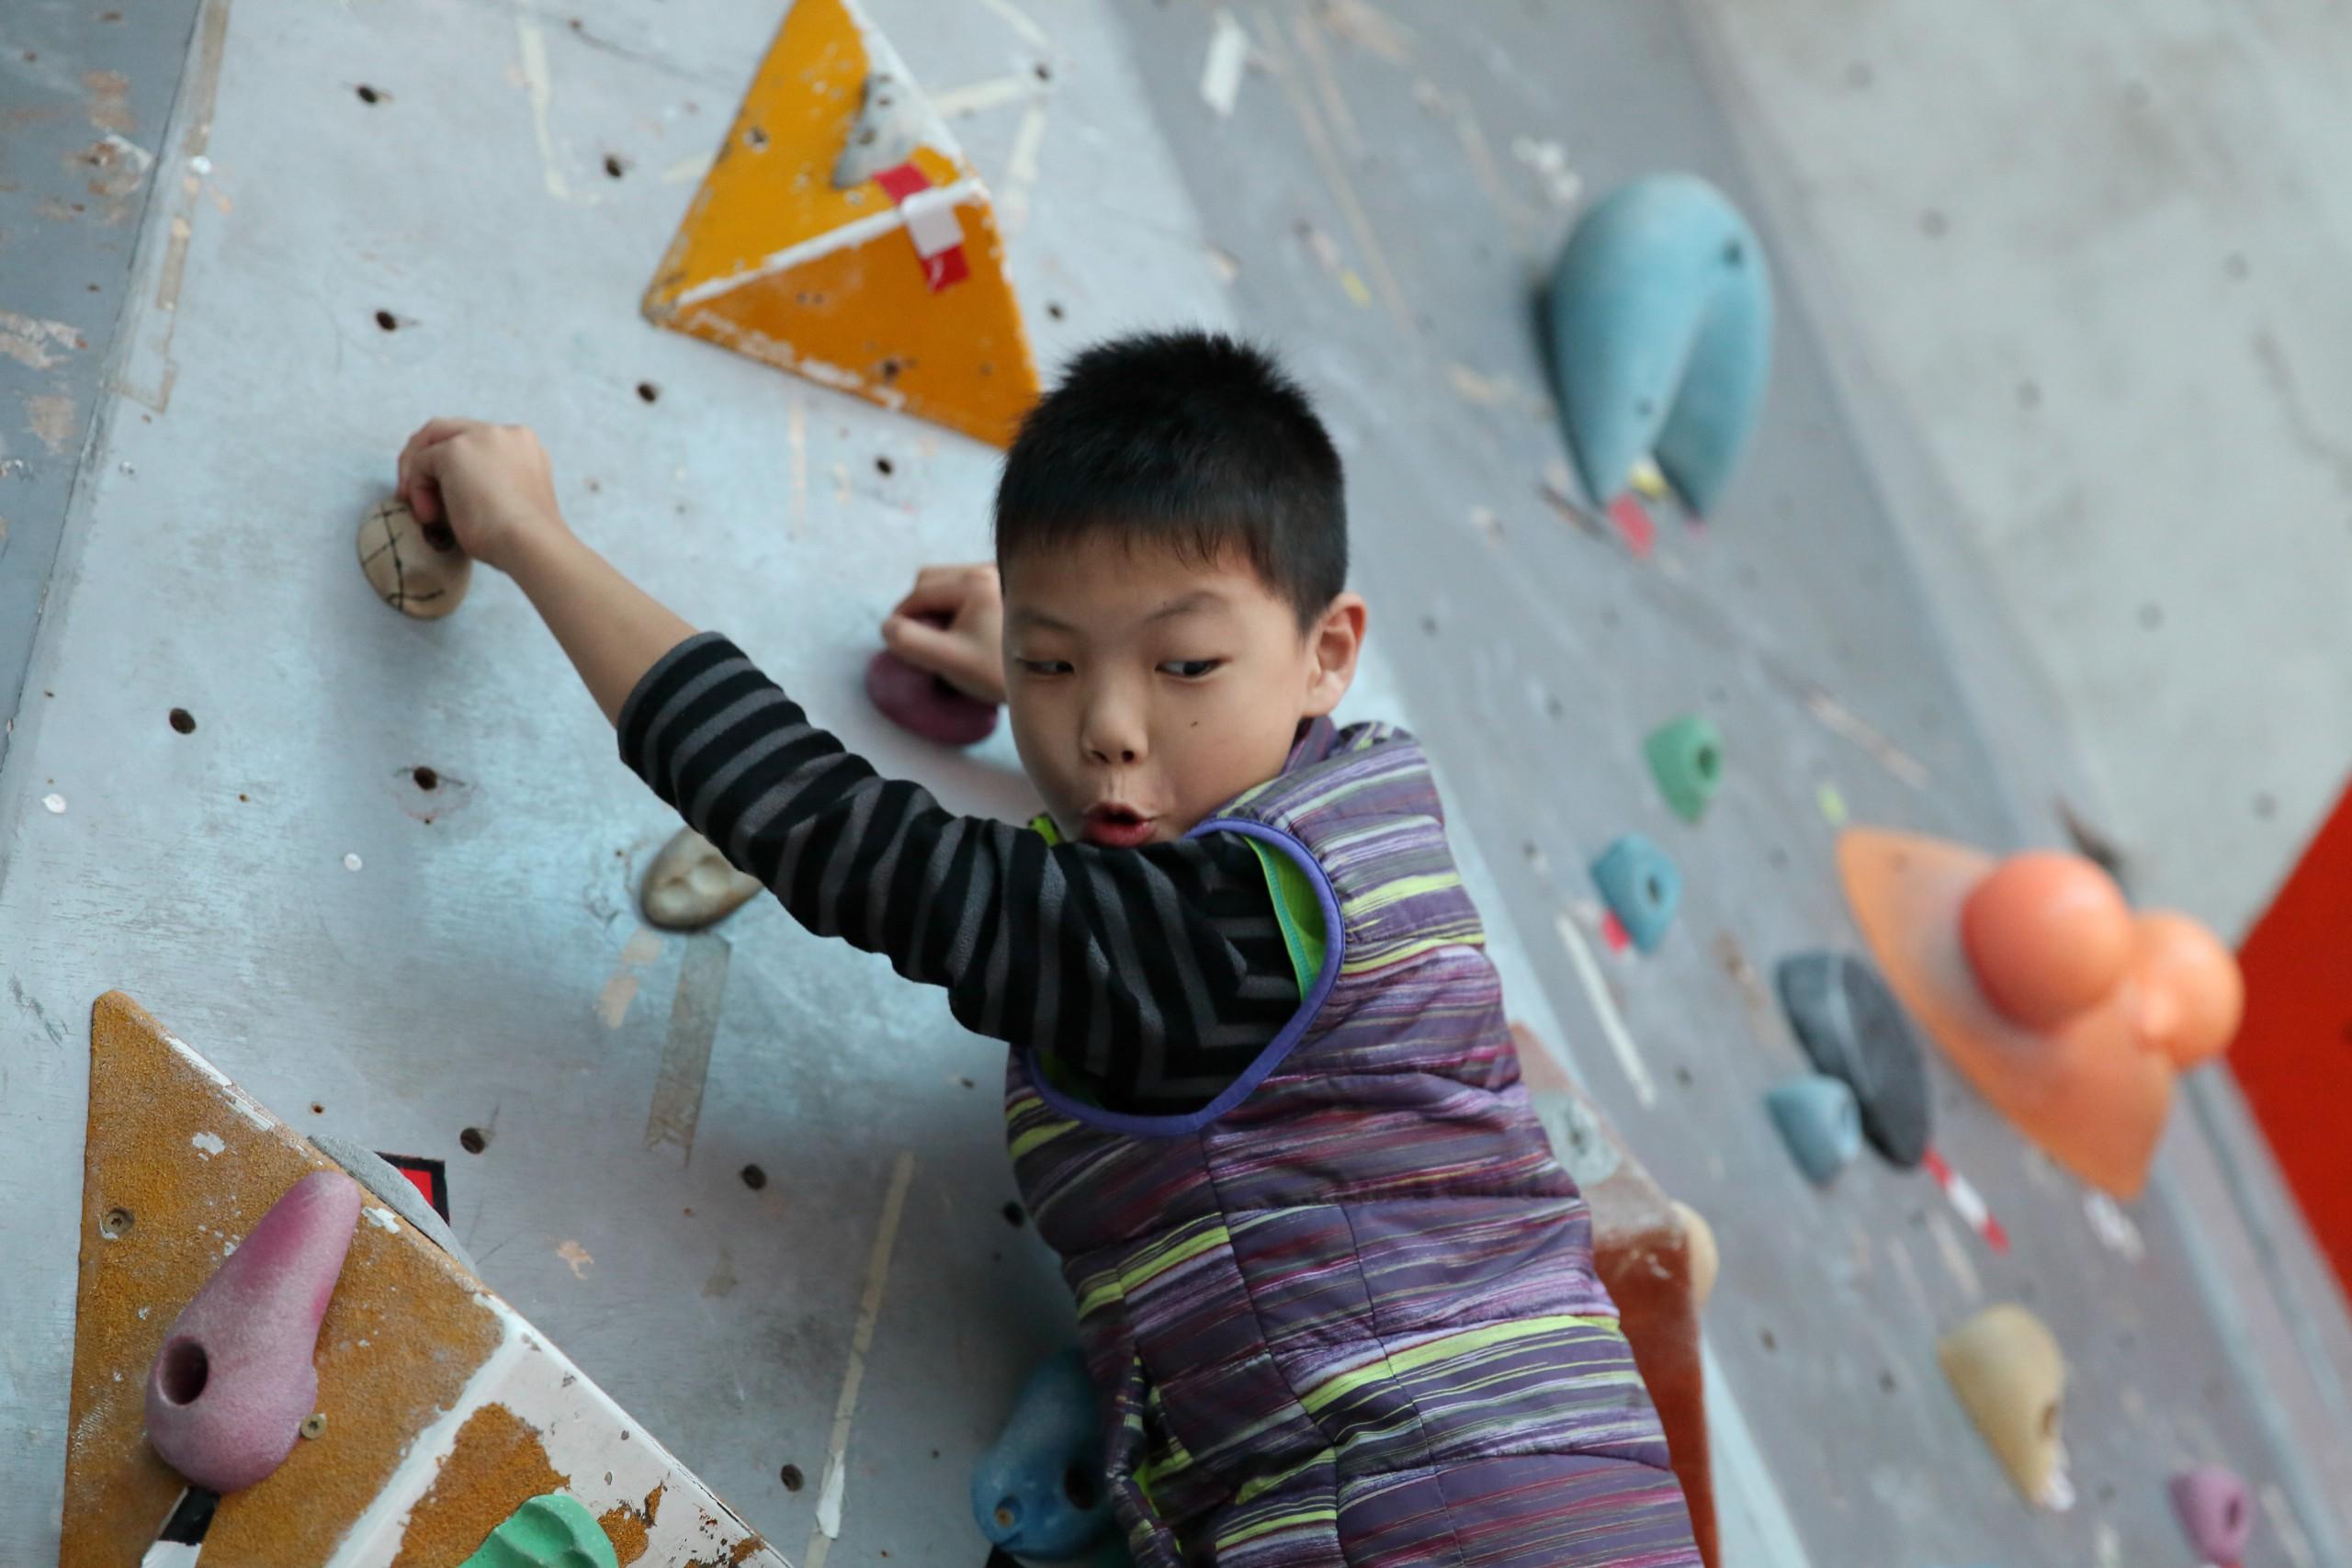 德築-DEZU-project-Fun3sport-children-winter-camp-kids-13